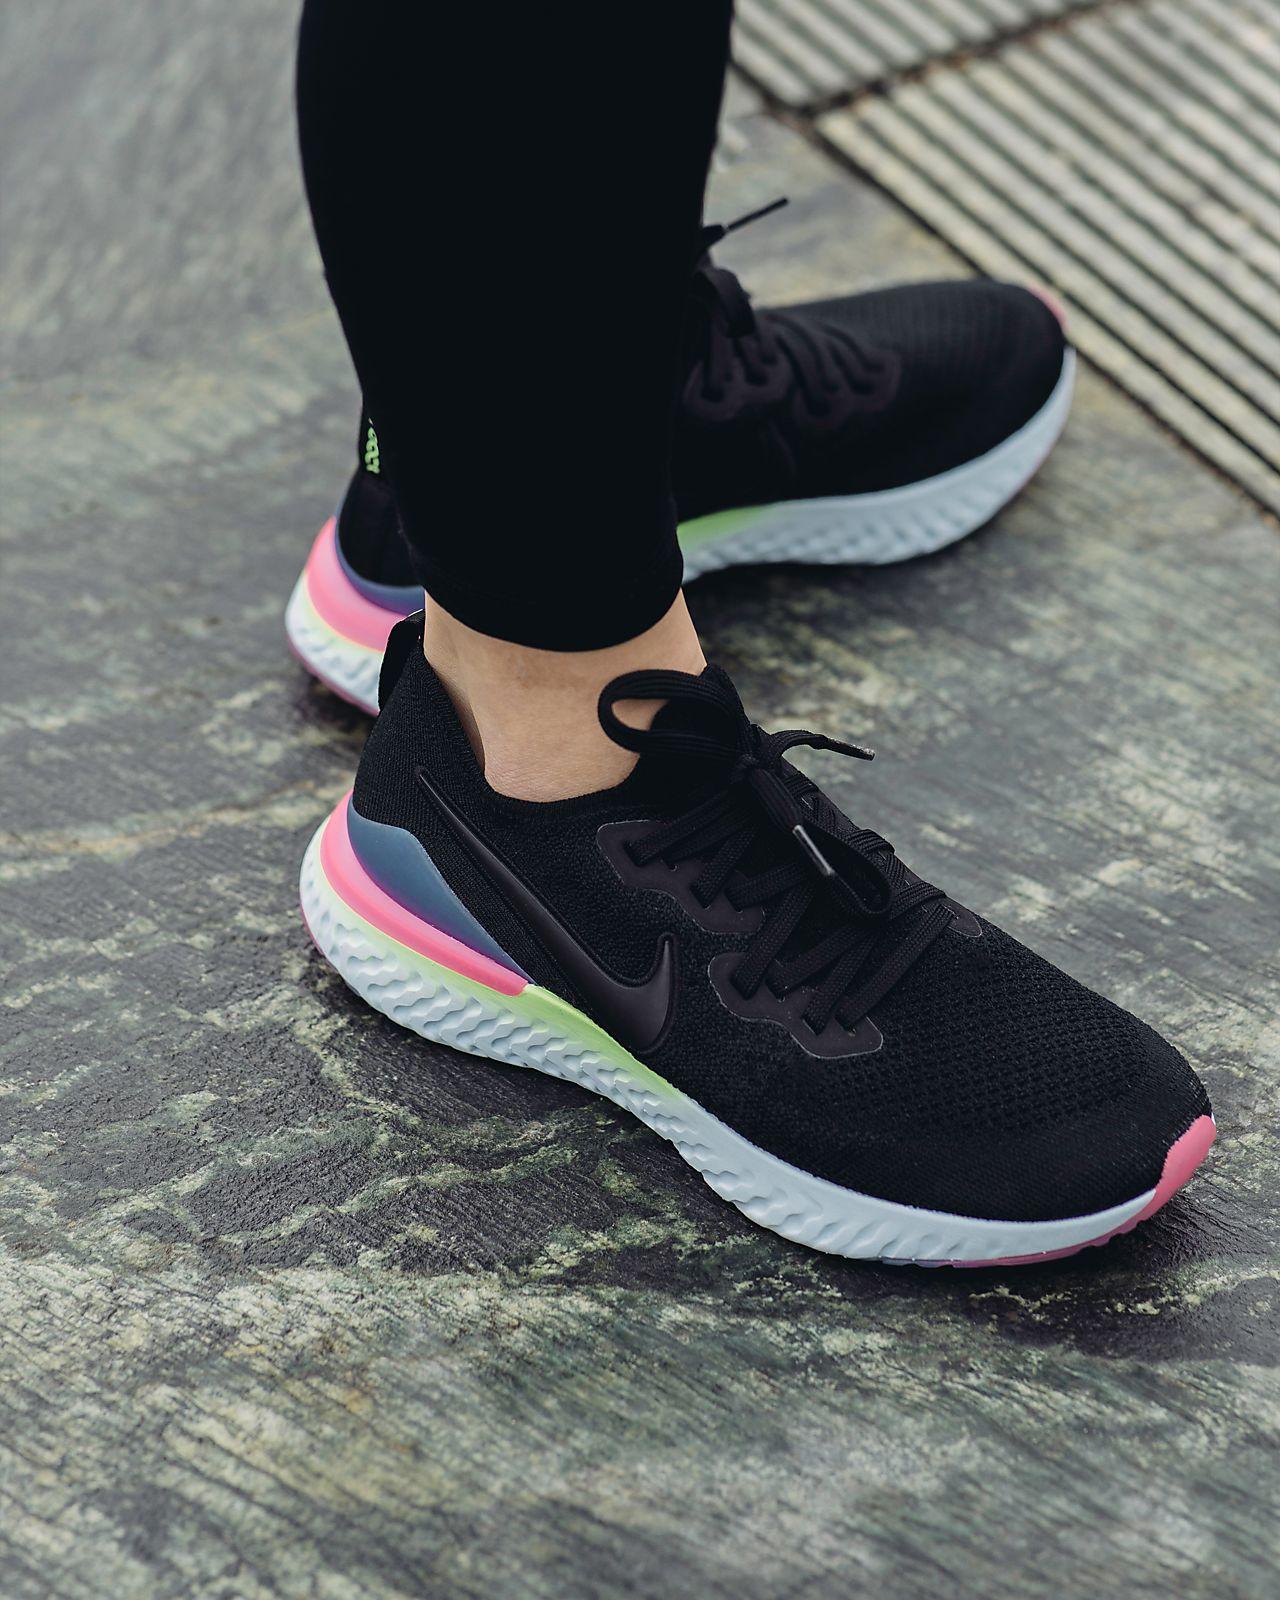 2cc1e8c6d086e Nike Epic React Flyknit 2 Women s Running Shoe. Nike.com